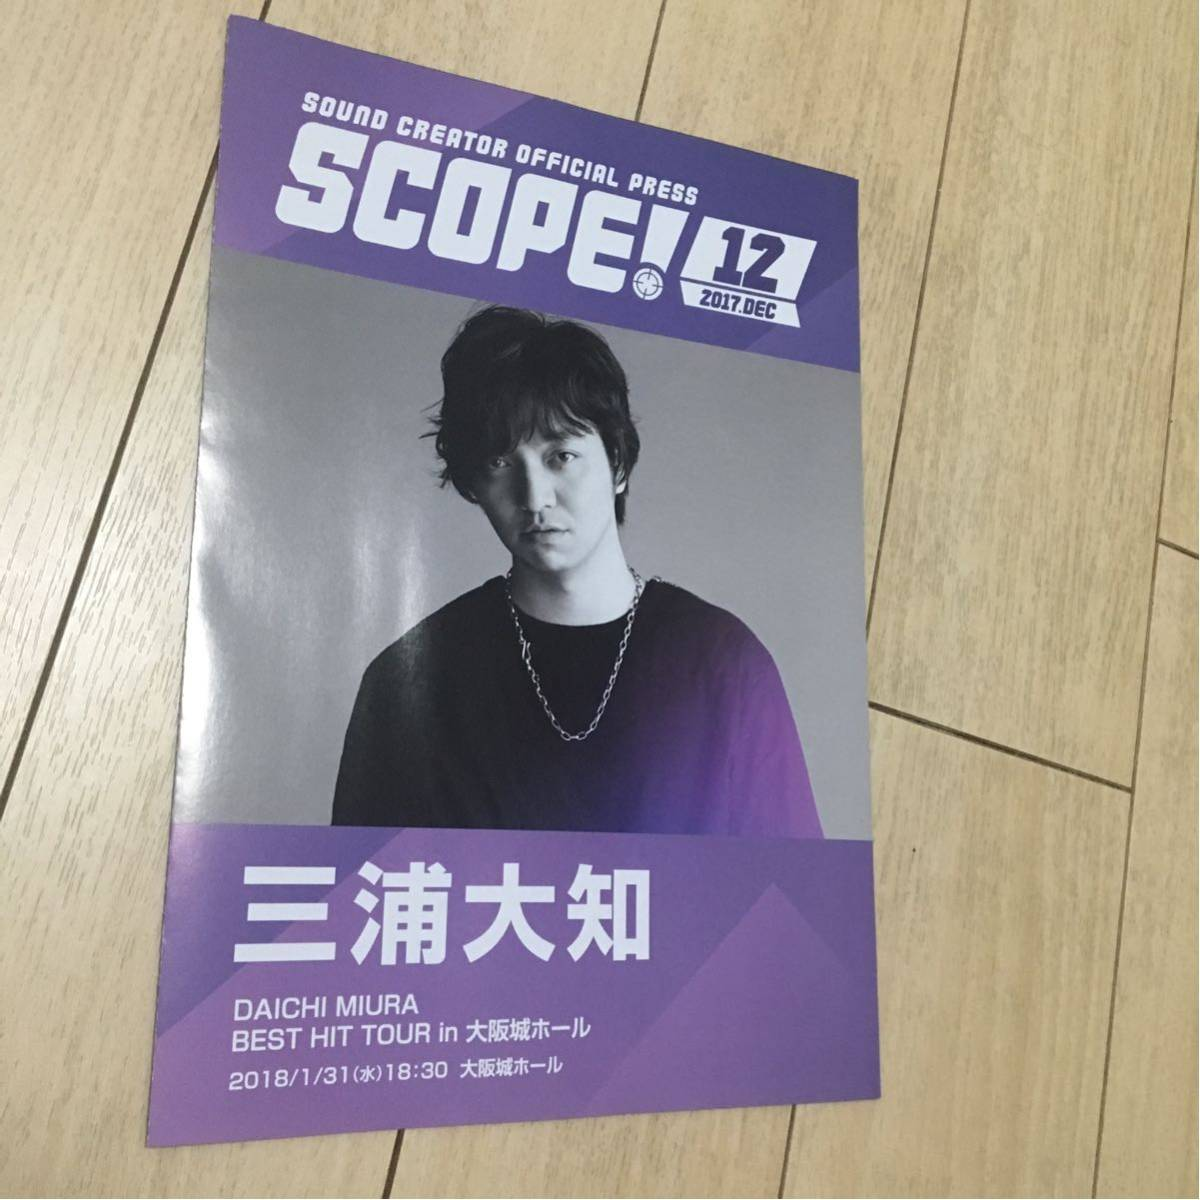 サウンド・クリエイター フリーペーパー scope! 2017 表紙 三浦大知 チラシ 告知 大阪城ホール